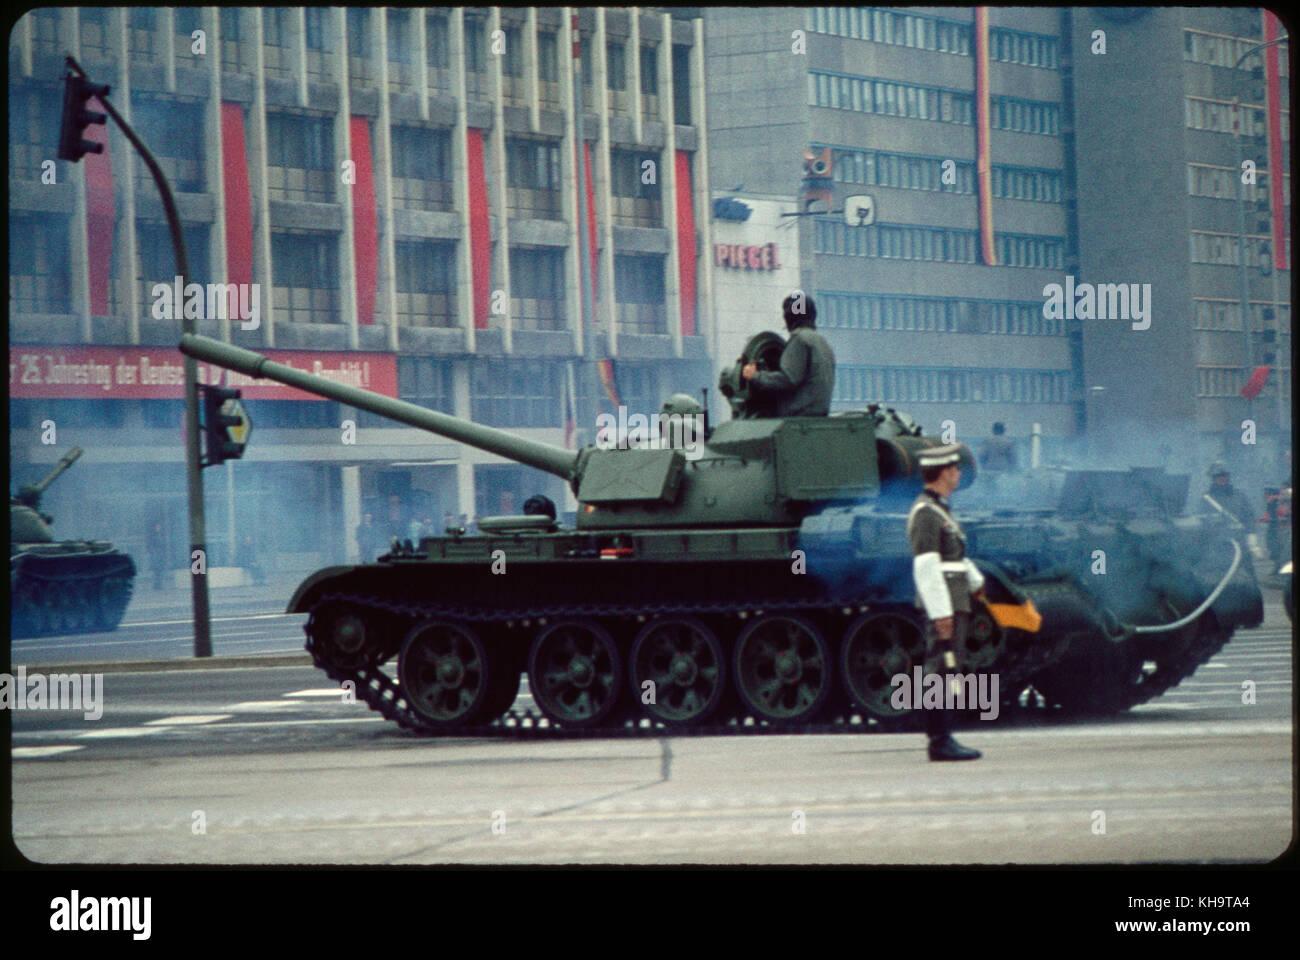 Depósito, May Day Parade, Berlín oriental, República Democrática Alemana, el 1 de mayo, 1974 Imagen De Stock